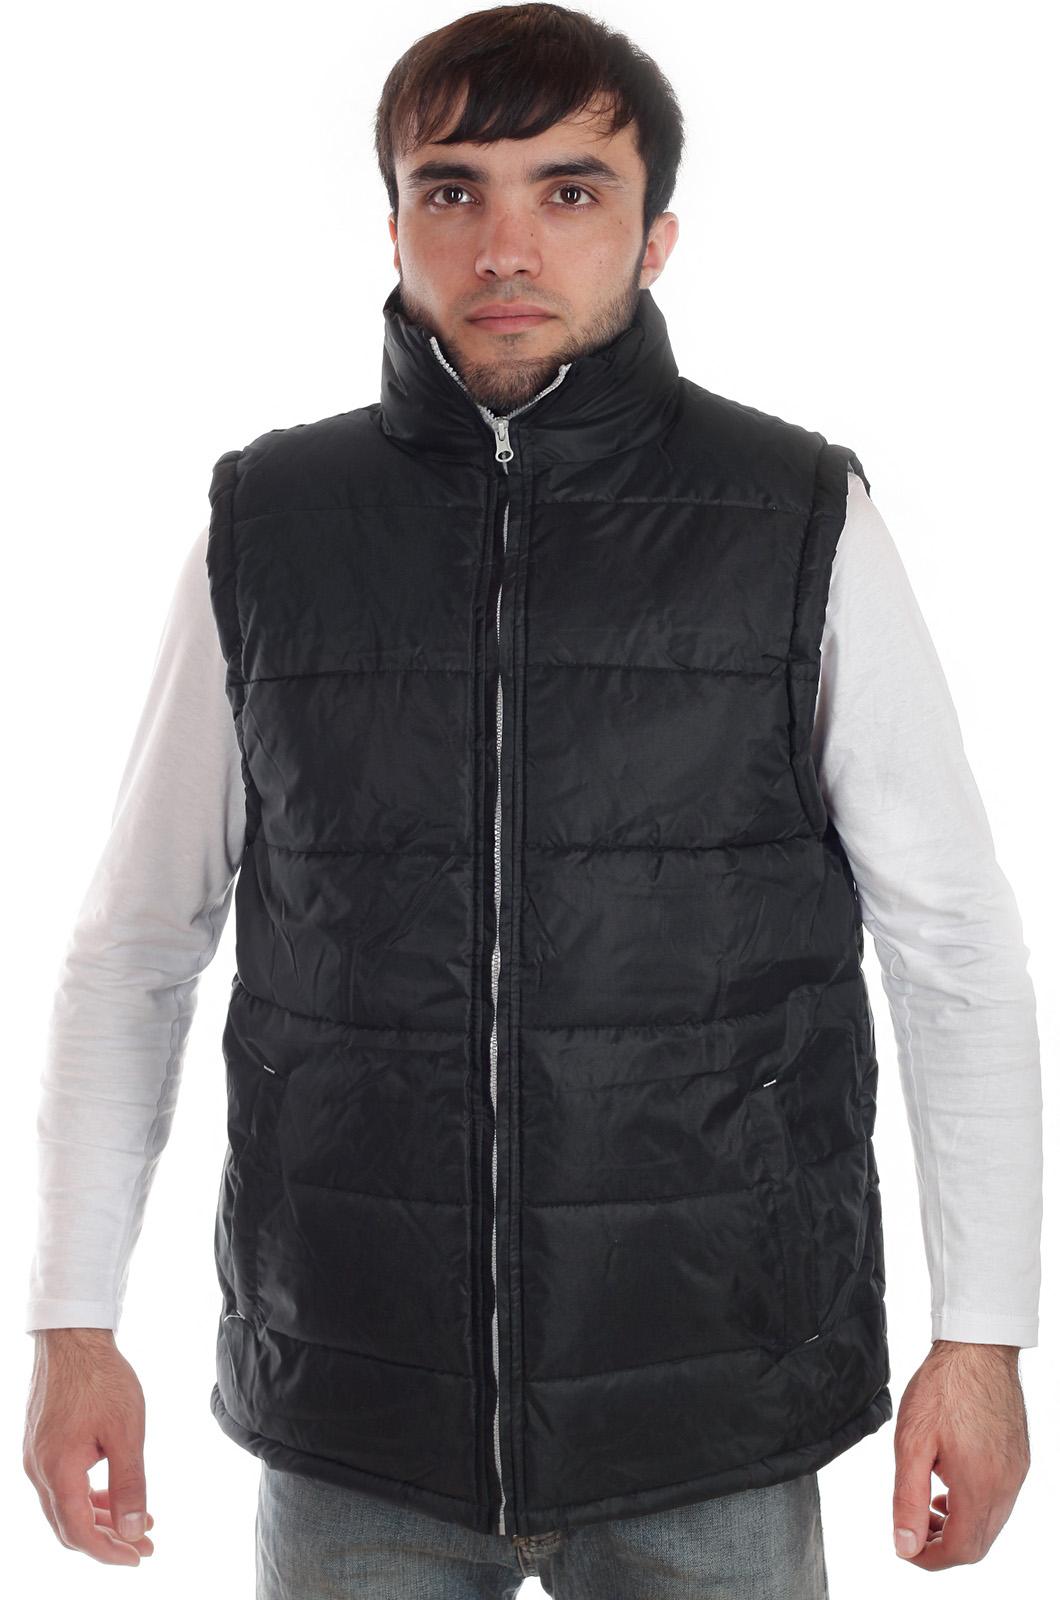 Где купит теплую мужскую жилетку? В интернет магазине Военпро огромная сезонная обнова!